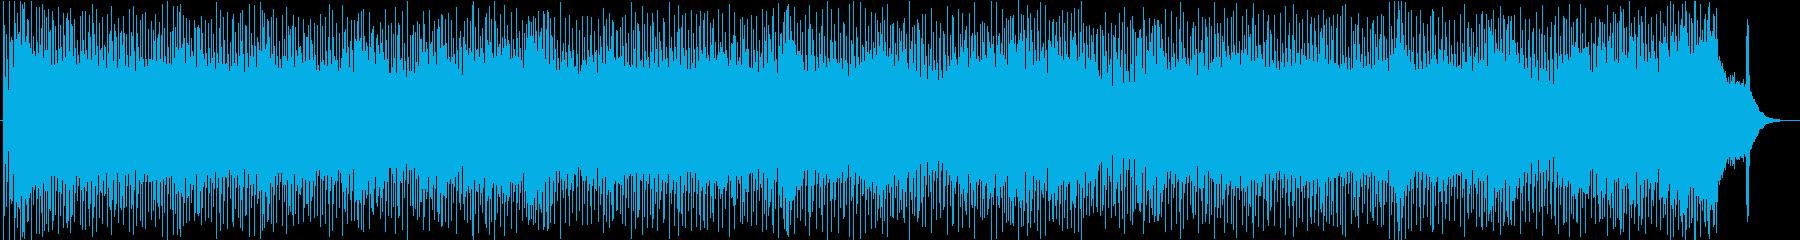 飛び跳ねる 爽やかな80'sビートロックの再生済みの波形